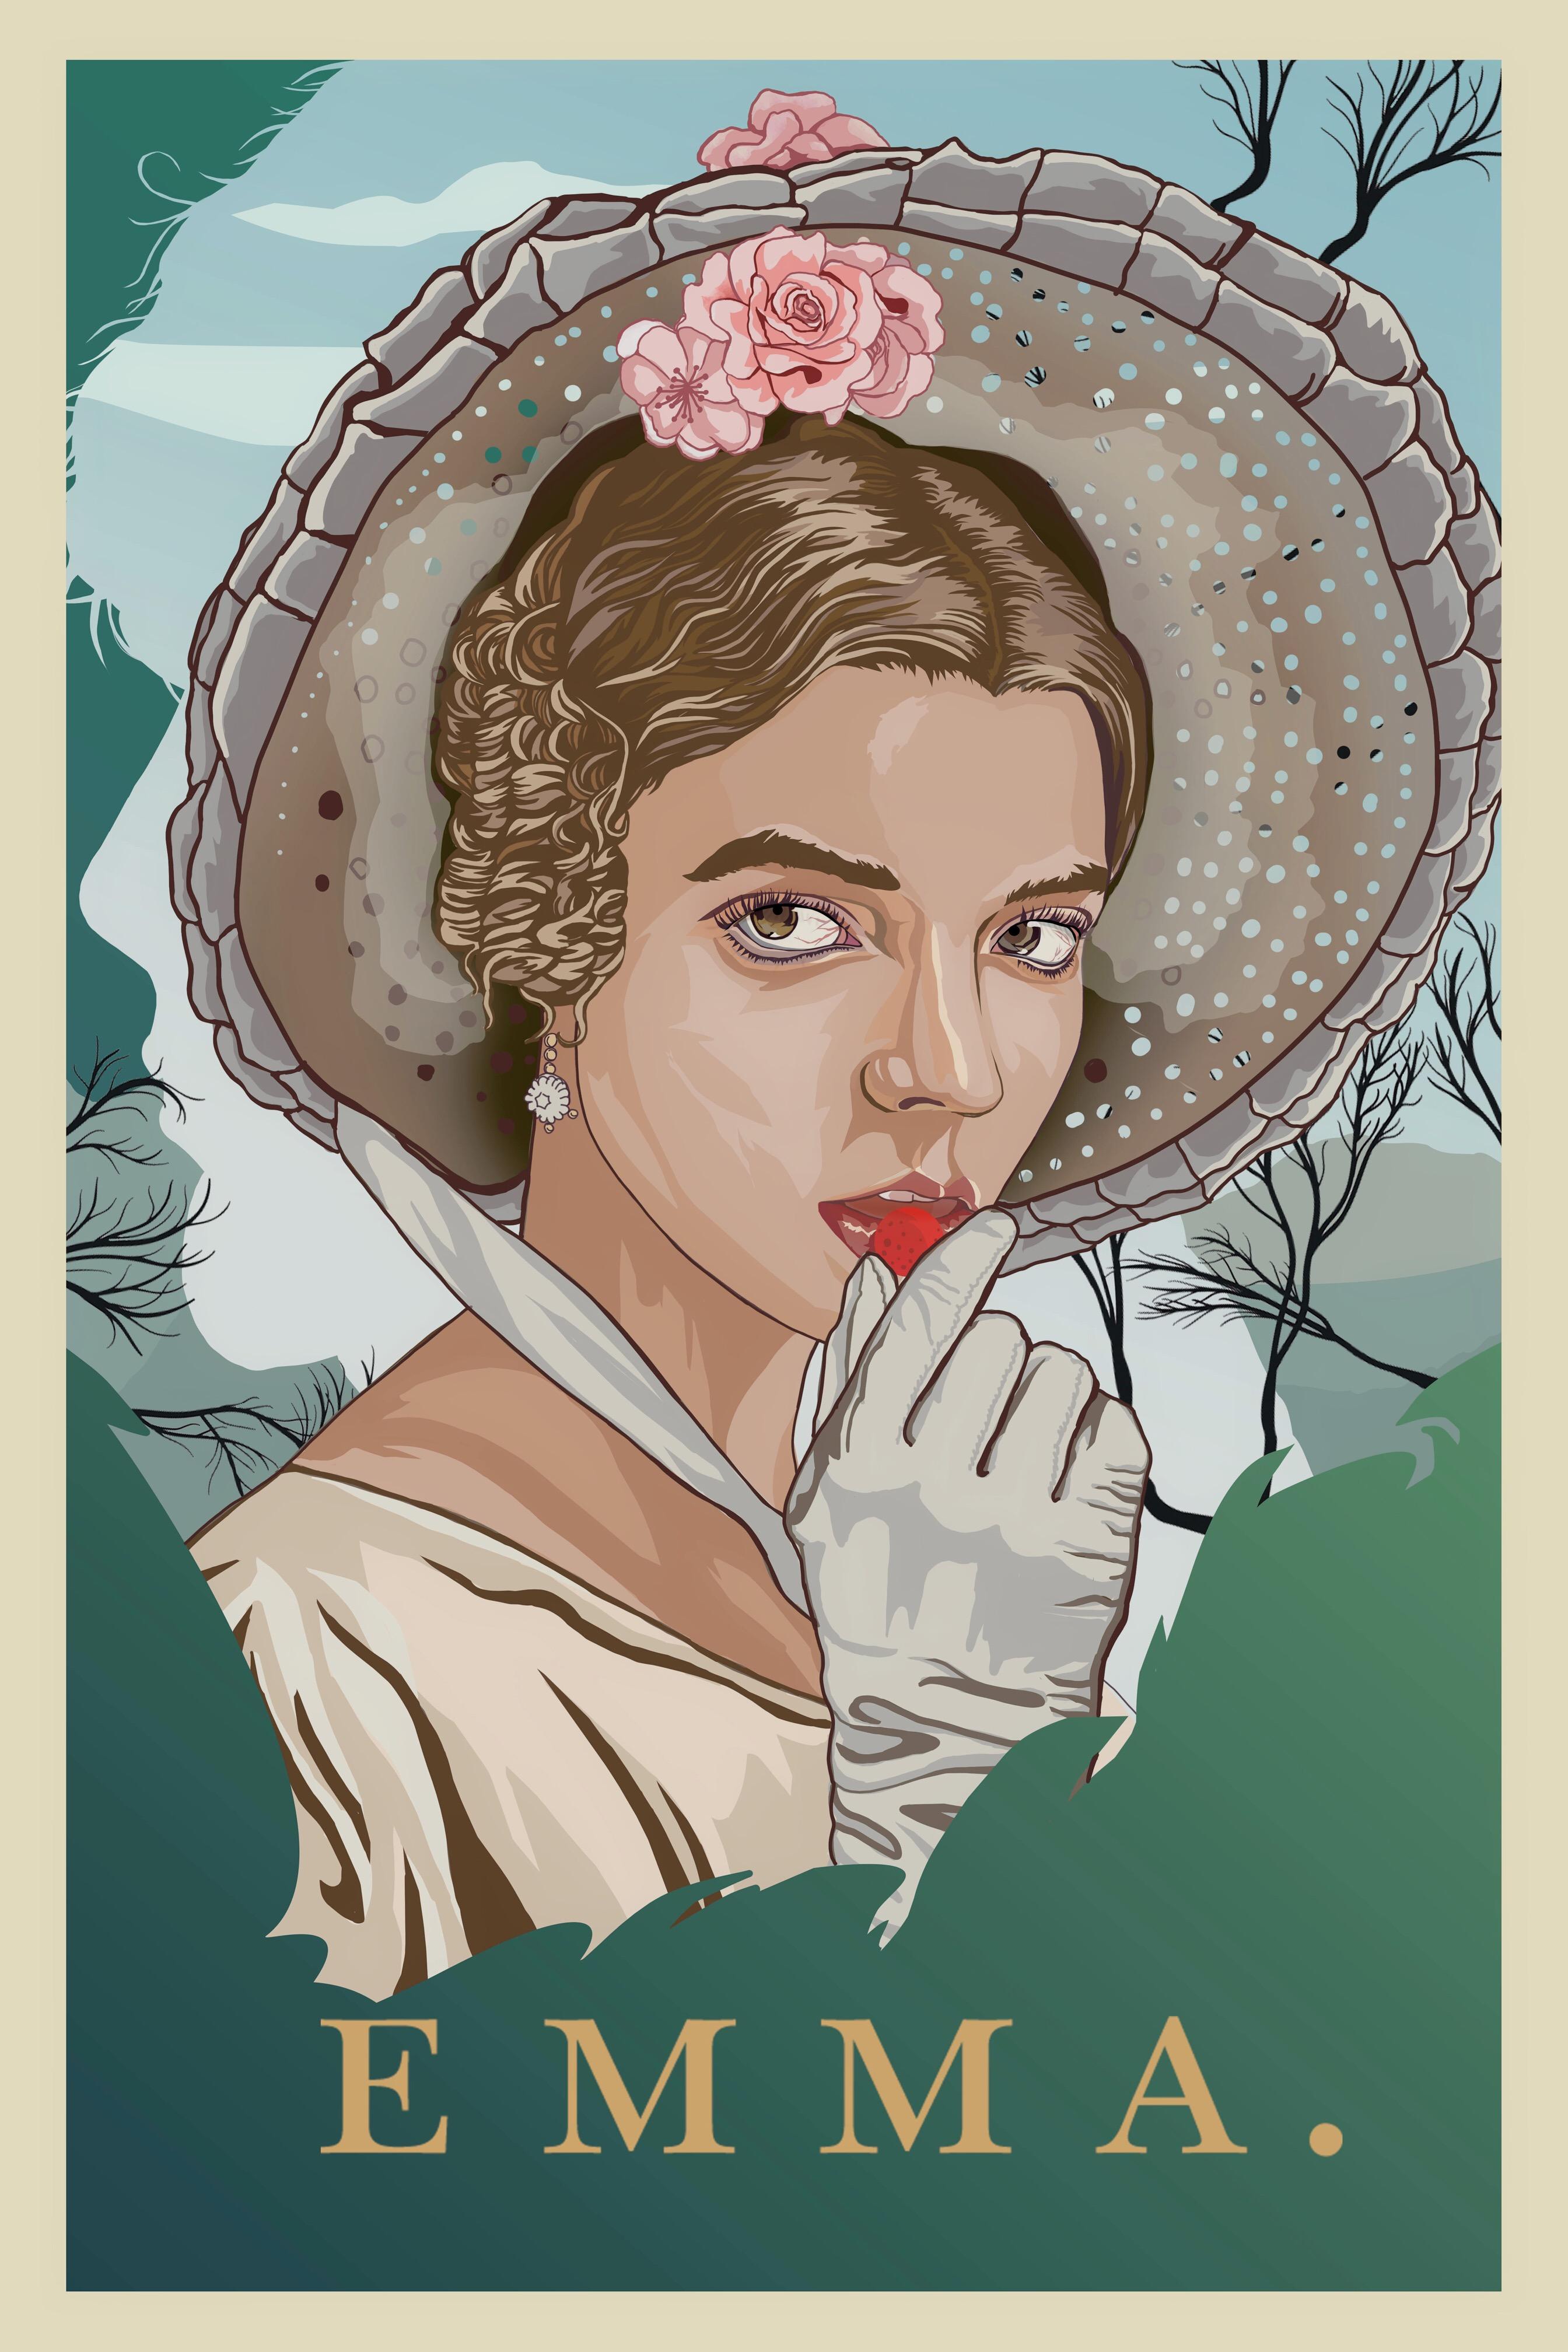 Emma (poster design)